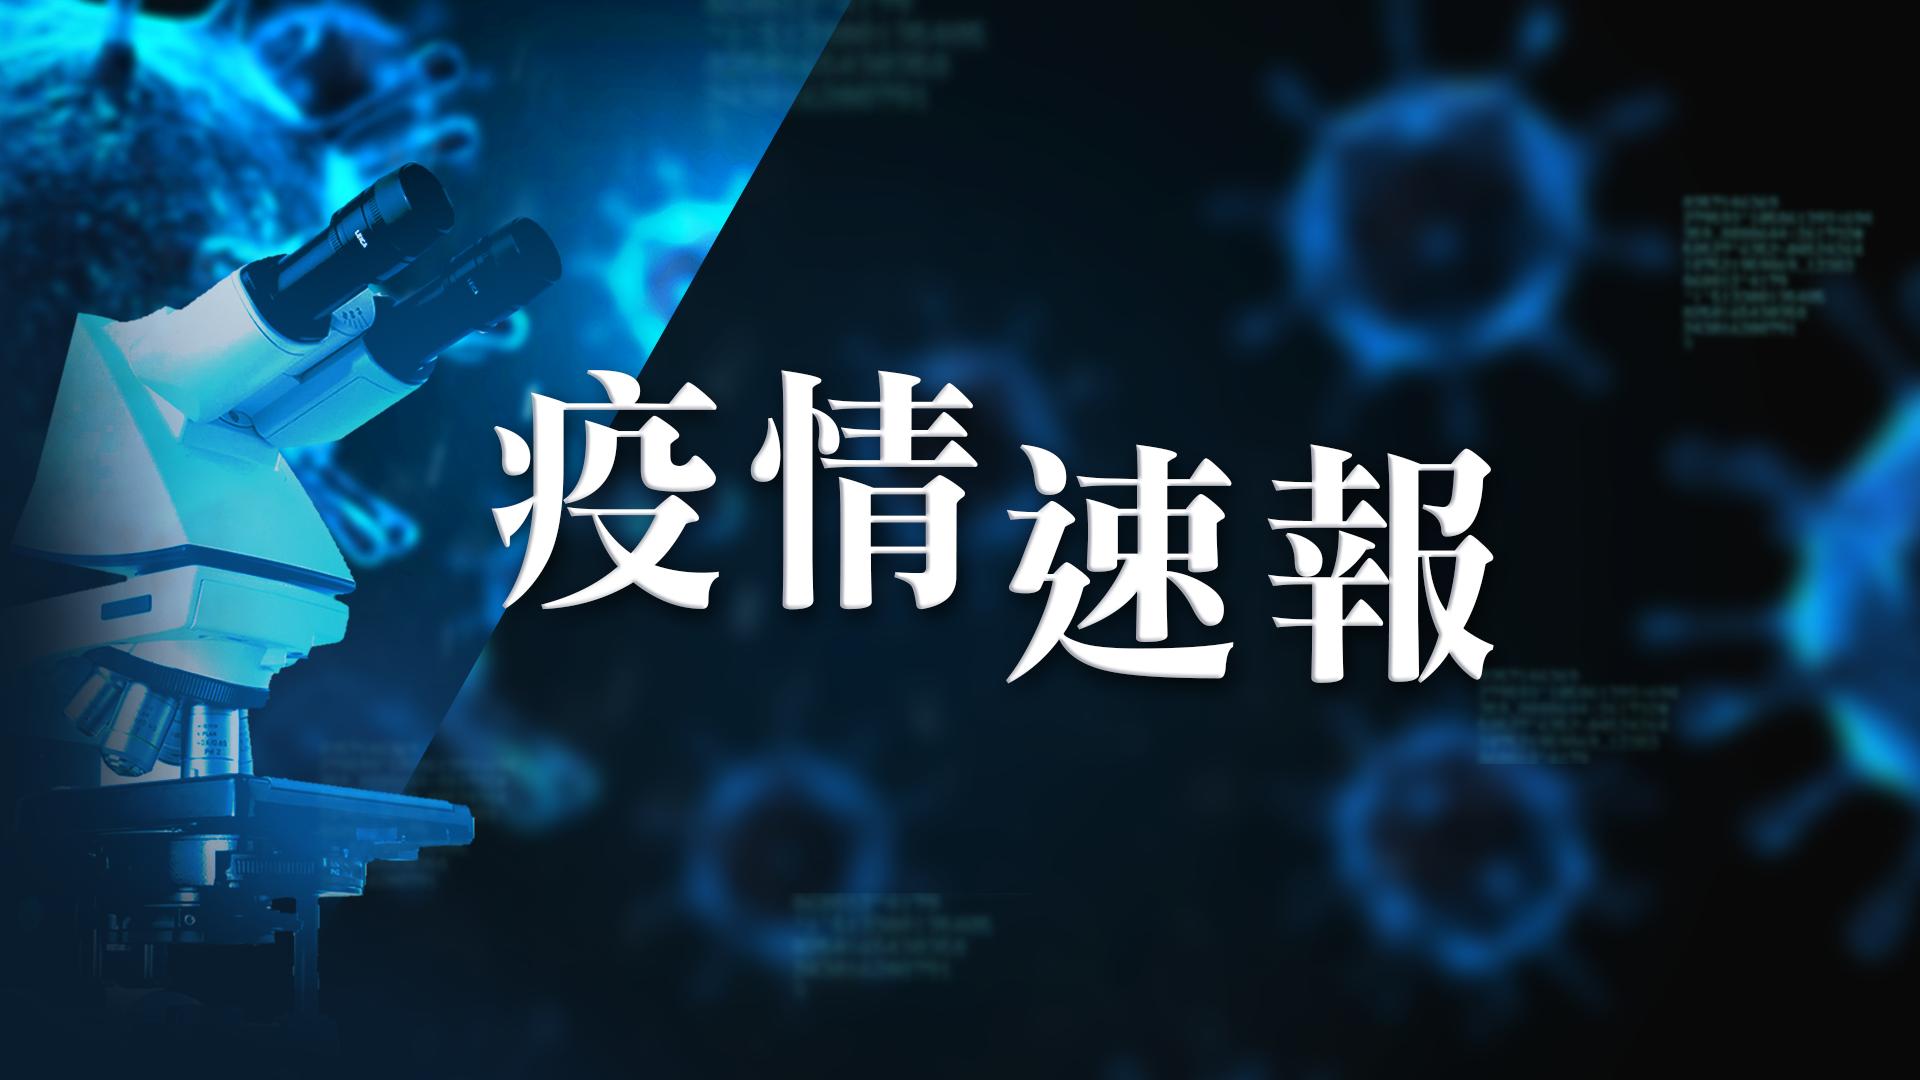 【7月14日疫情速報】(23:45)